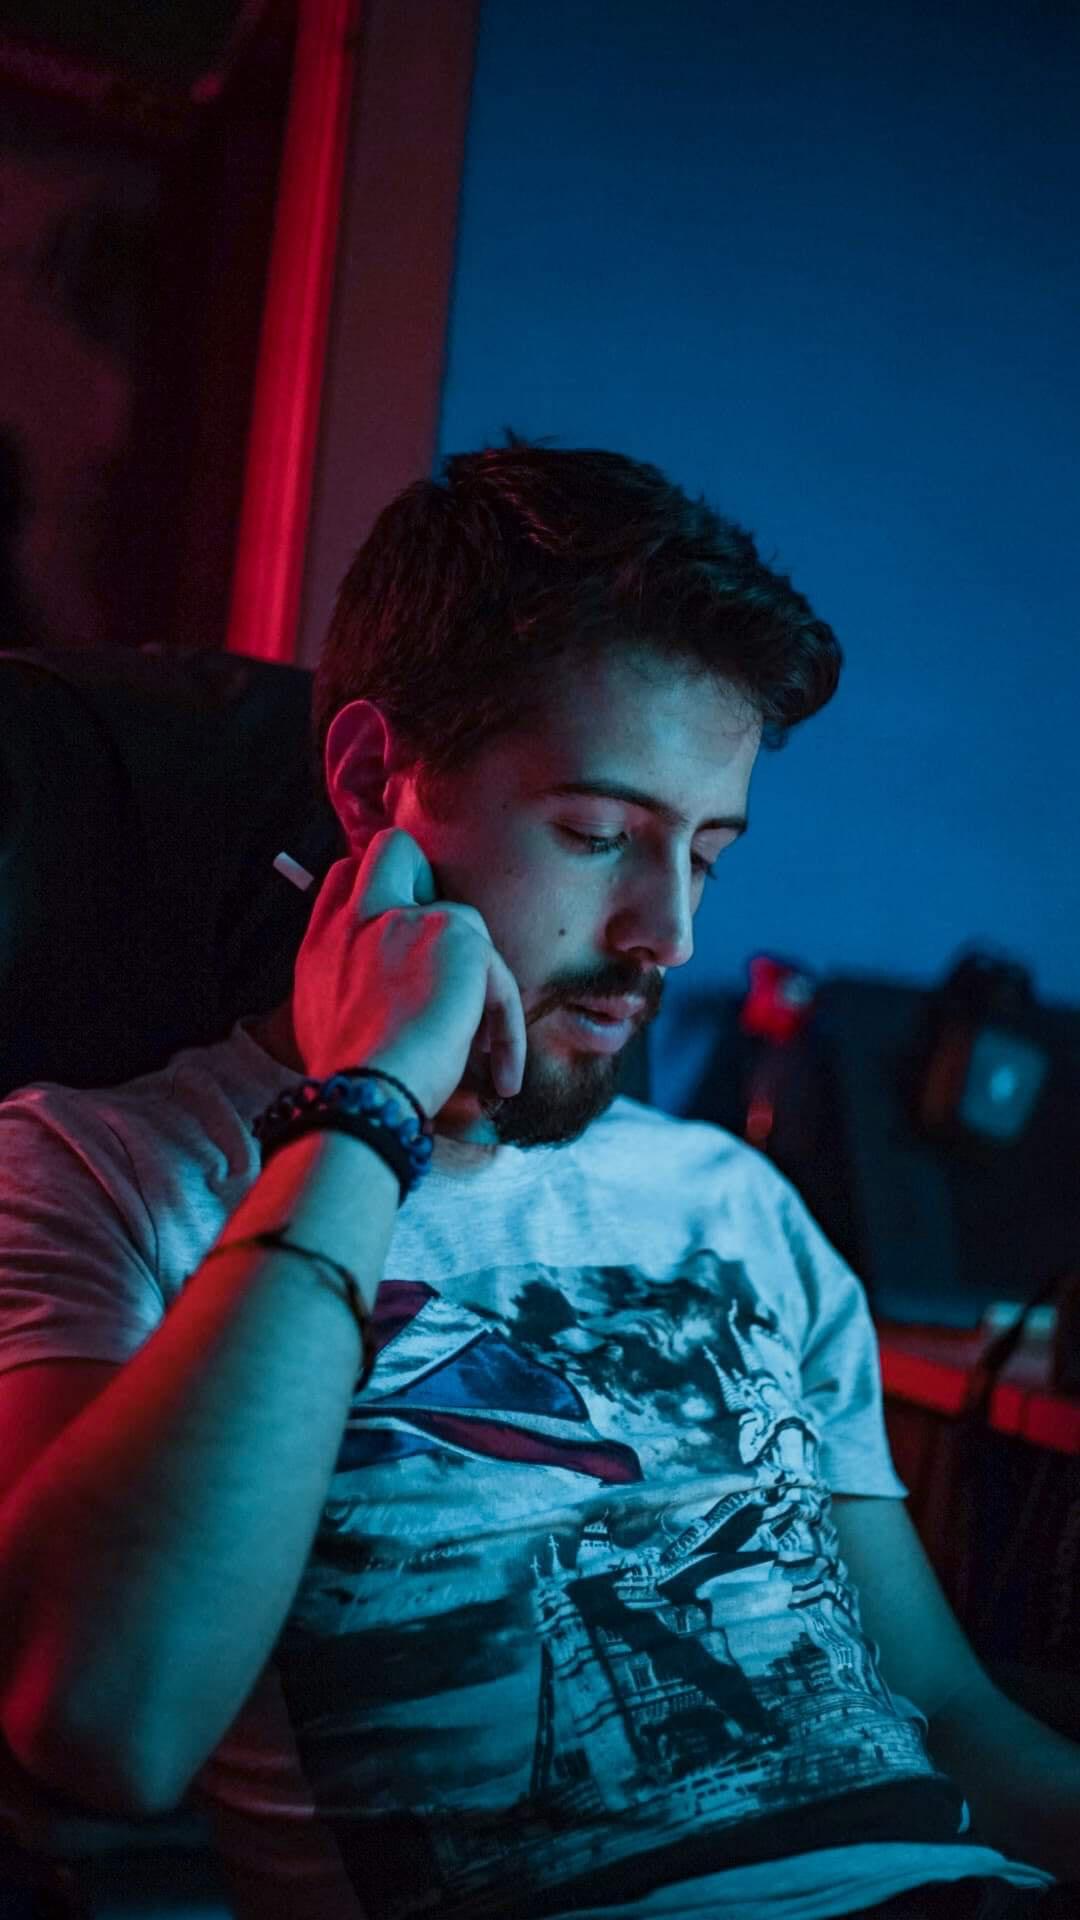 Go to Kostas Tapakarakis's profile